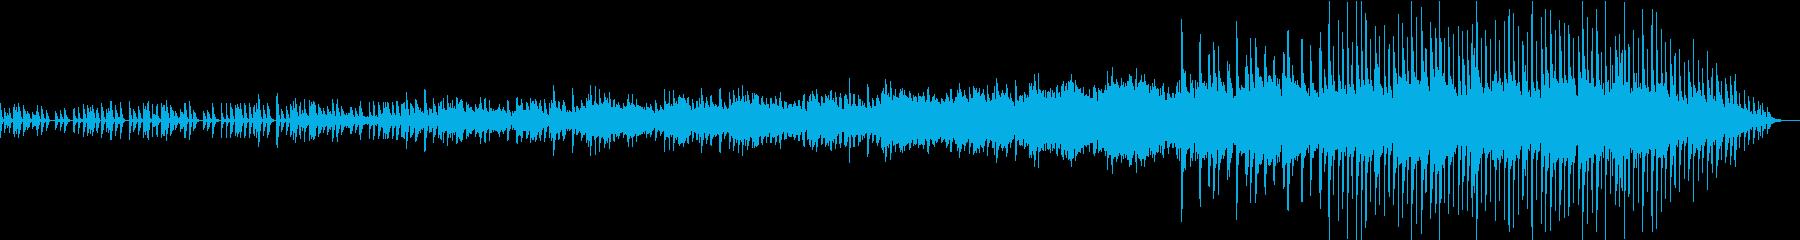 ほのぼのとしたポップスの再生済みの波形